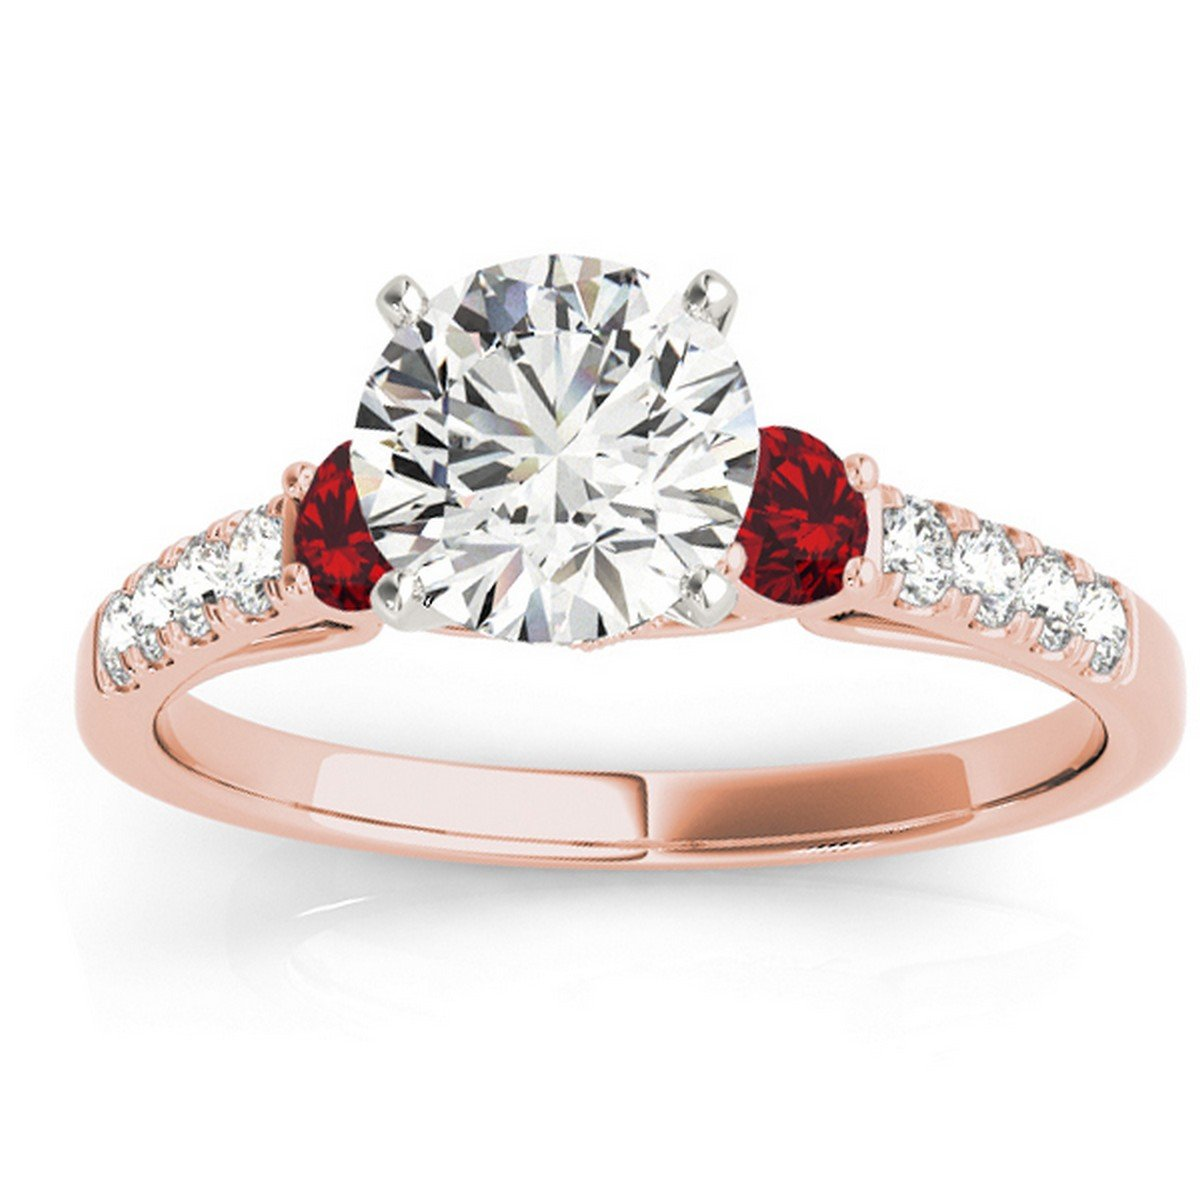 18k Gold 043ct Diamond And Ruby Prongset Unique Engagement Ring Setting Amazon: Ruby Wedding Ring Set 18k At Reisefeber.org